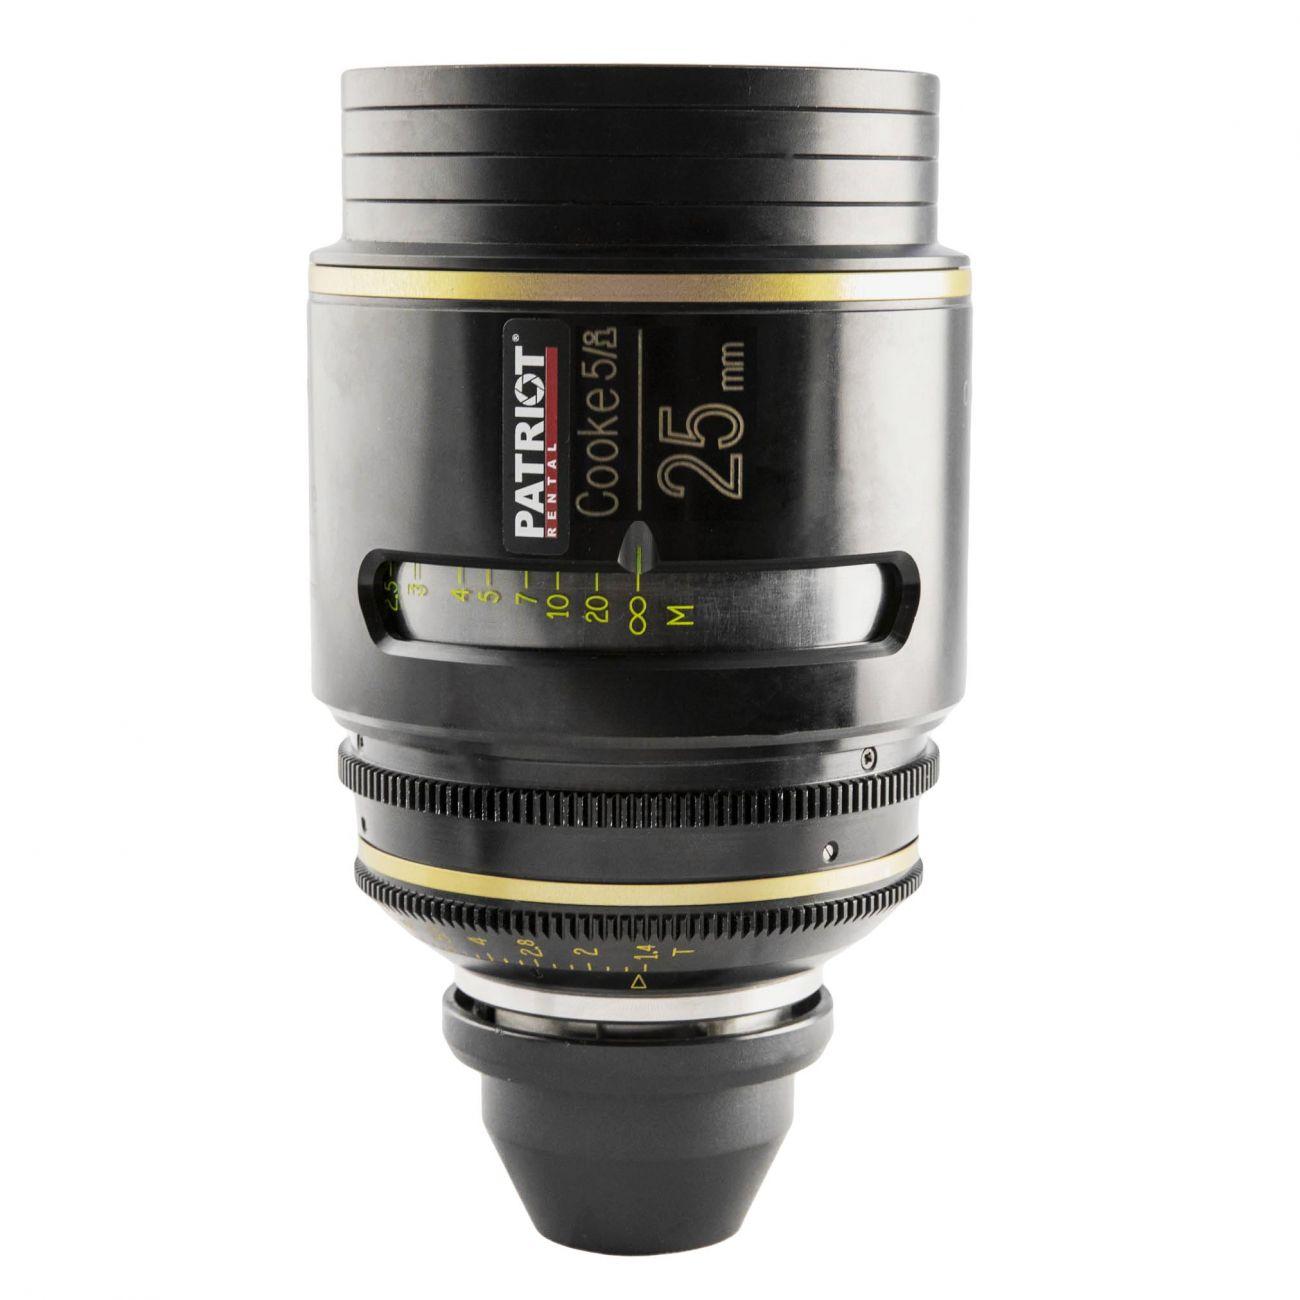 25mm COOKE 5/i lens T1.4